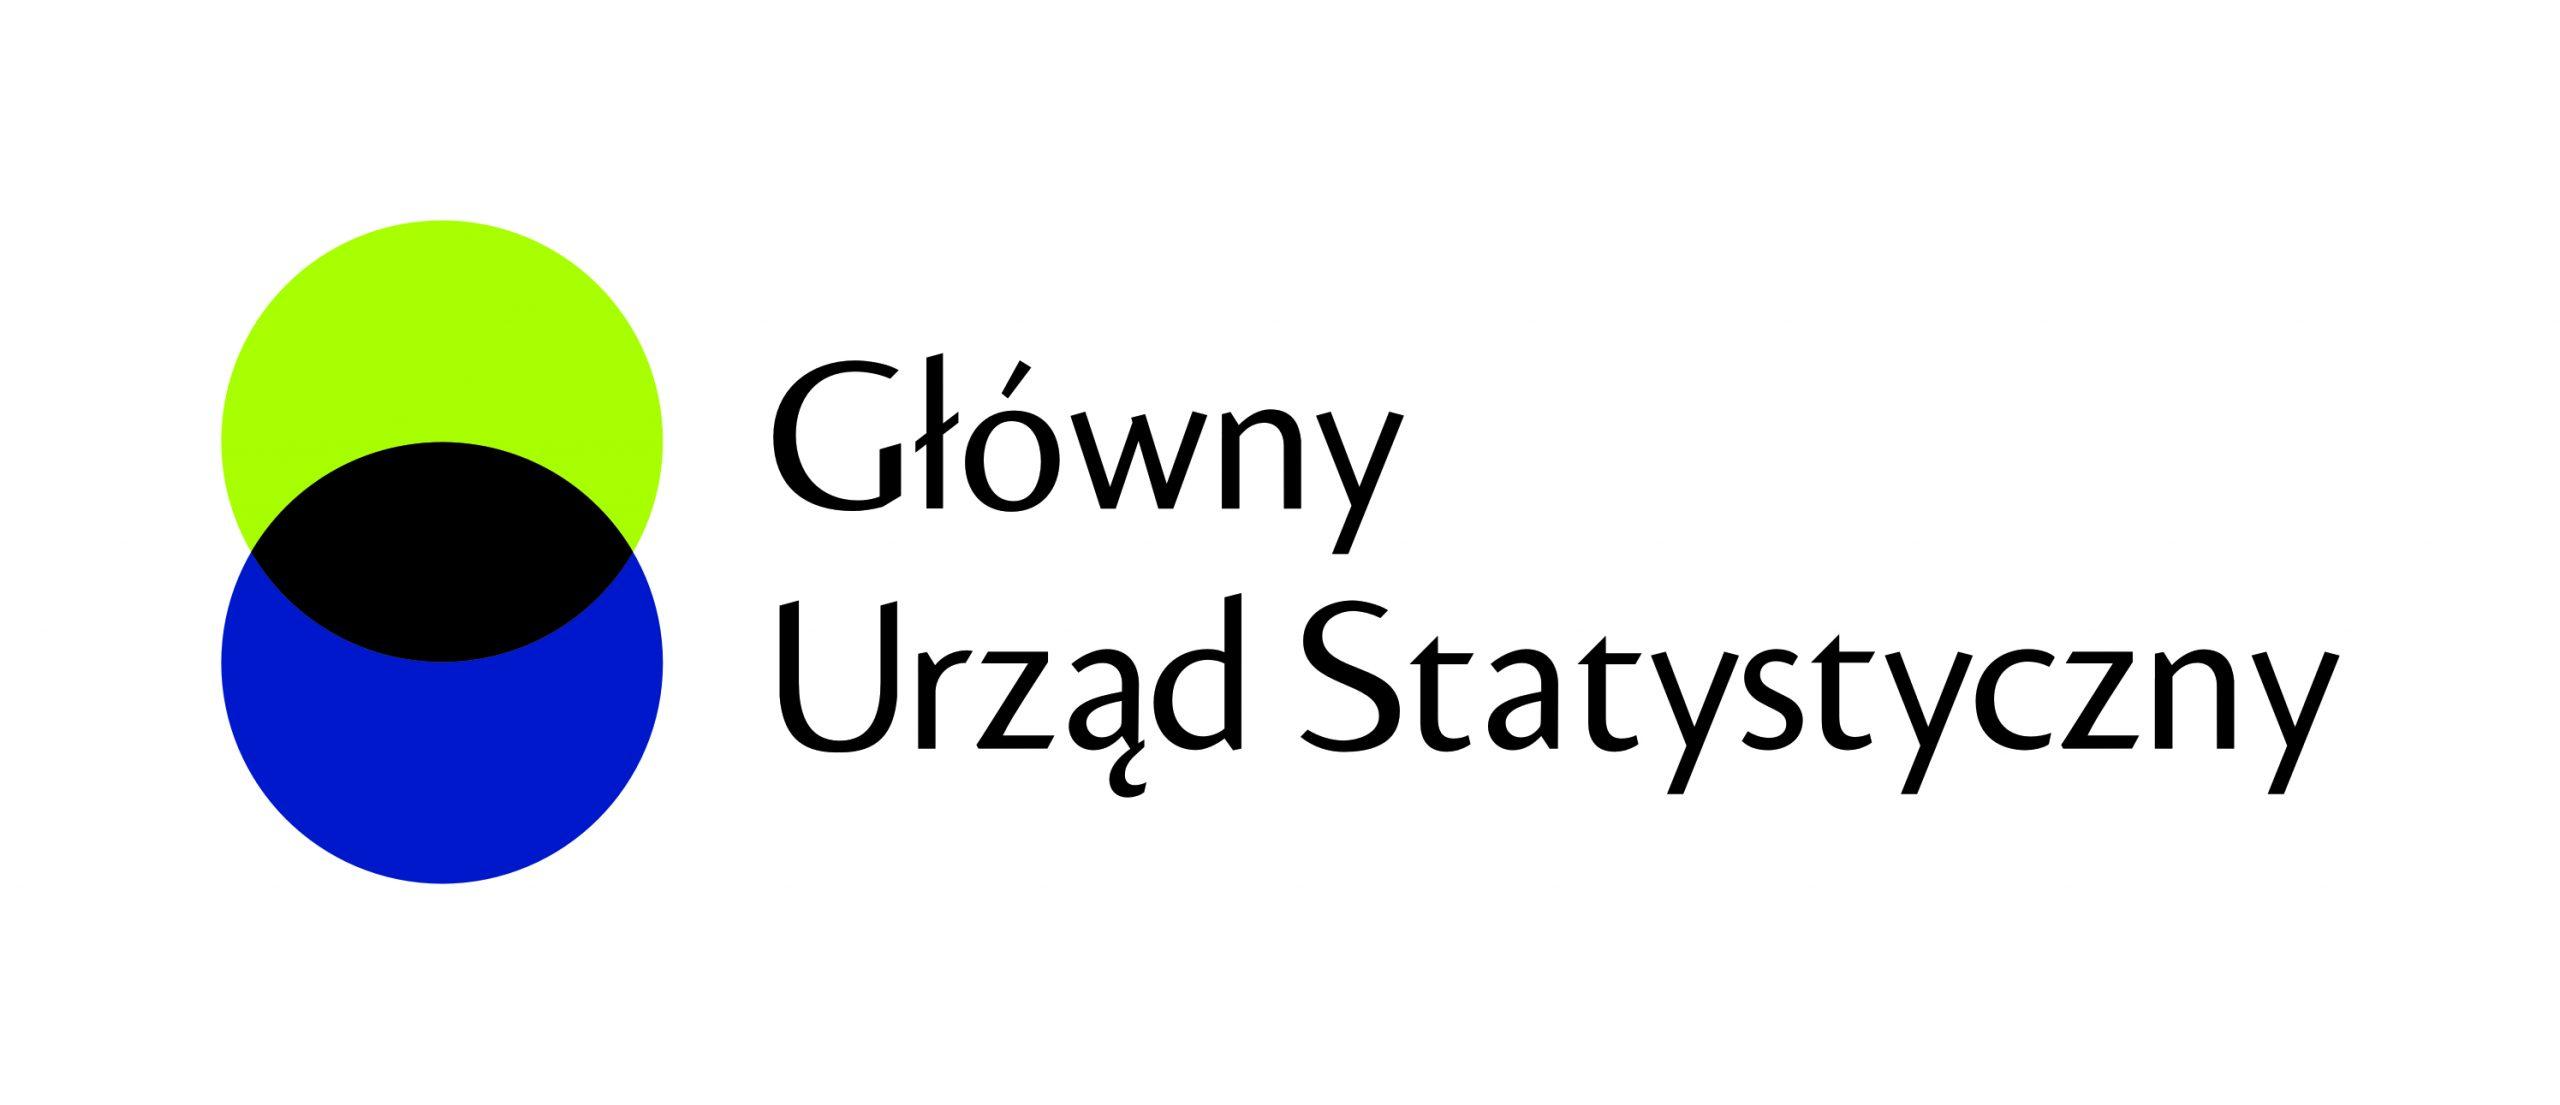 Obrazek przedstawia logo Głównego Urzędu Statystycznego